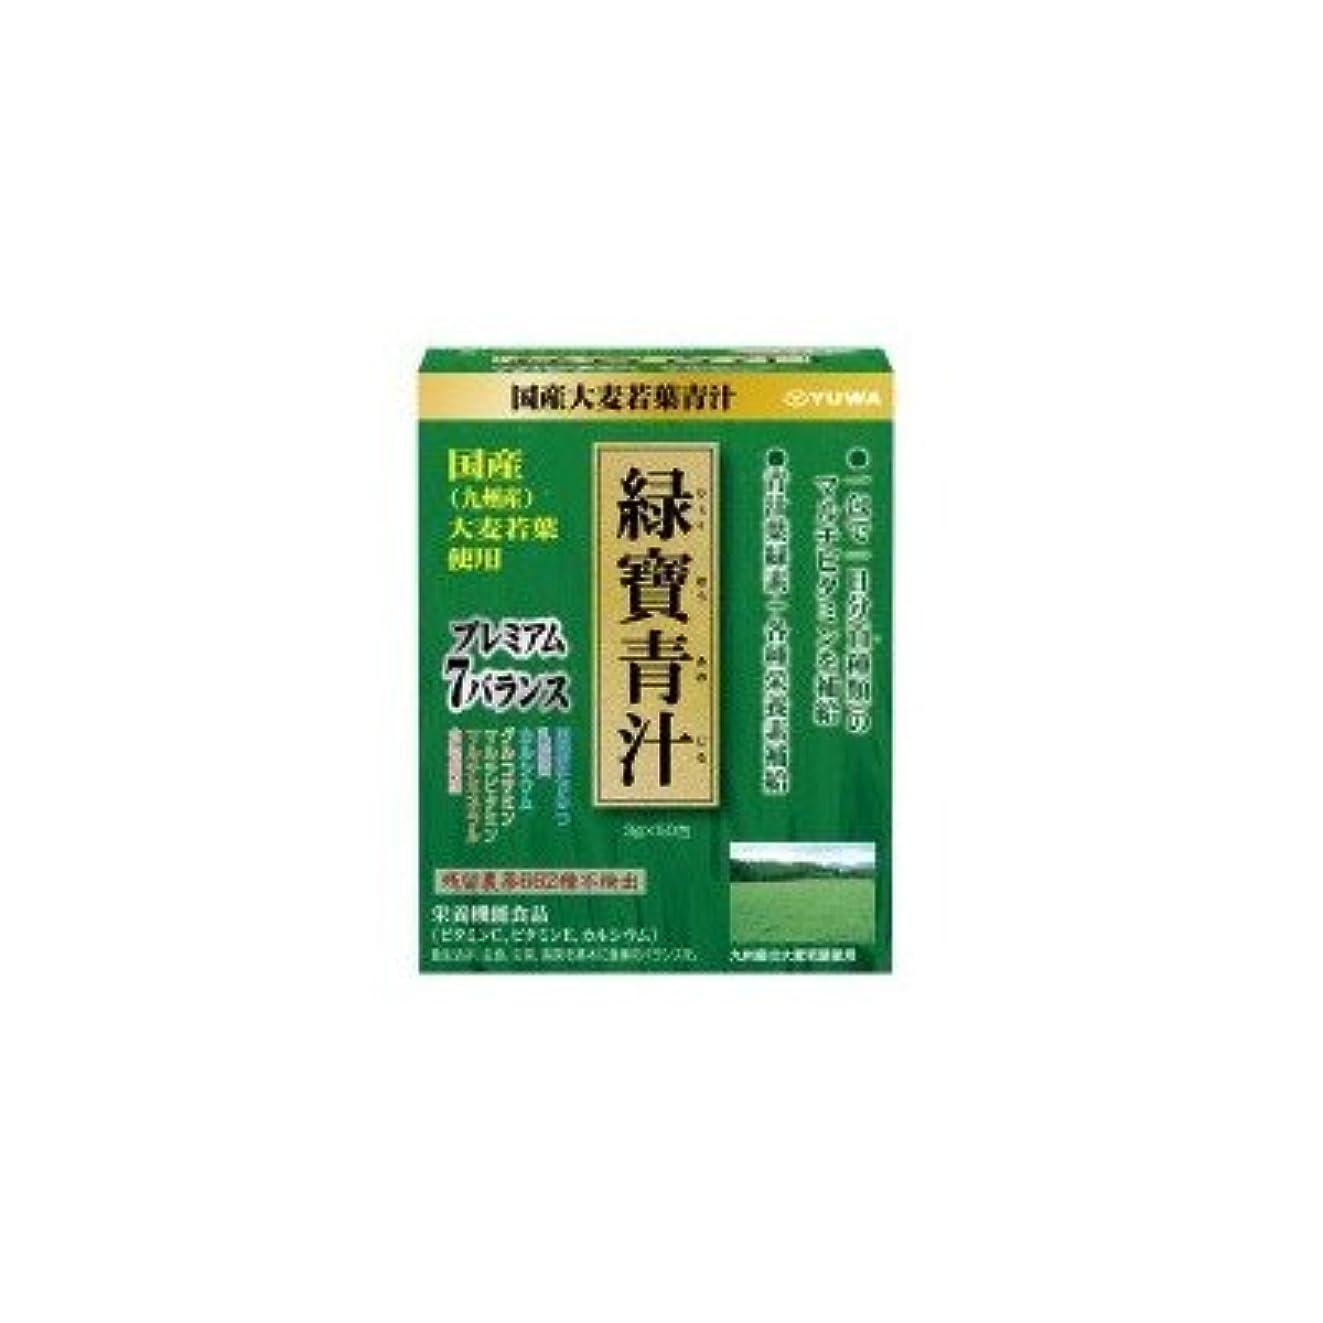 掘る近代化する冒険者ユーワ 九州産大麦若葉使用 緑寶青汁 150g(3g×50包) 2865